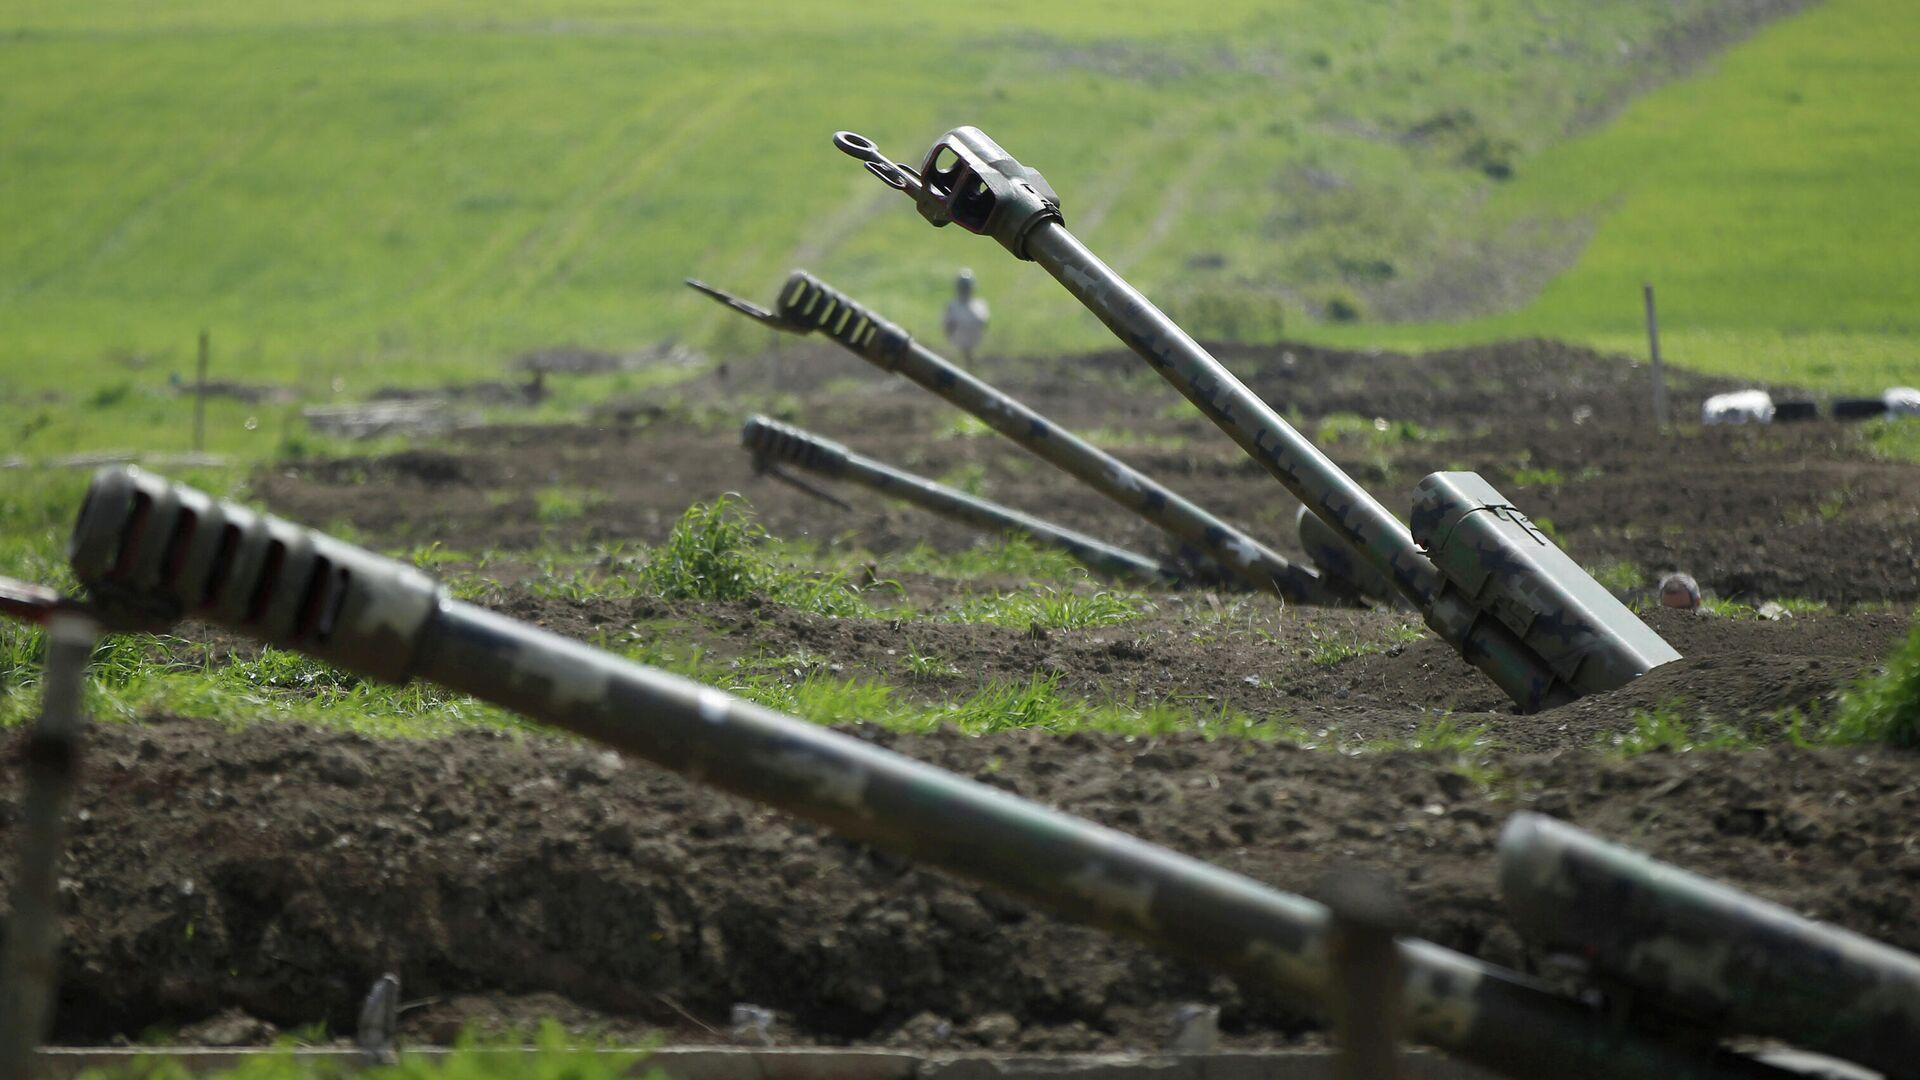 Артиллерия вооруженных сил Армении в зоне Нагорного Карабаха - РИА Новости, 1920, 28.09.2020